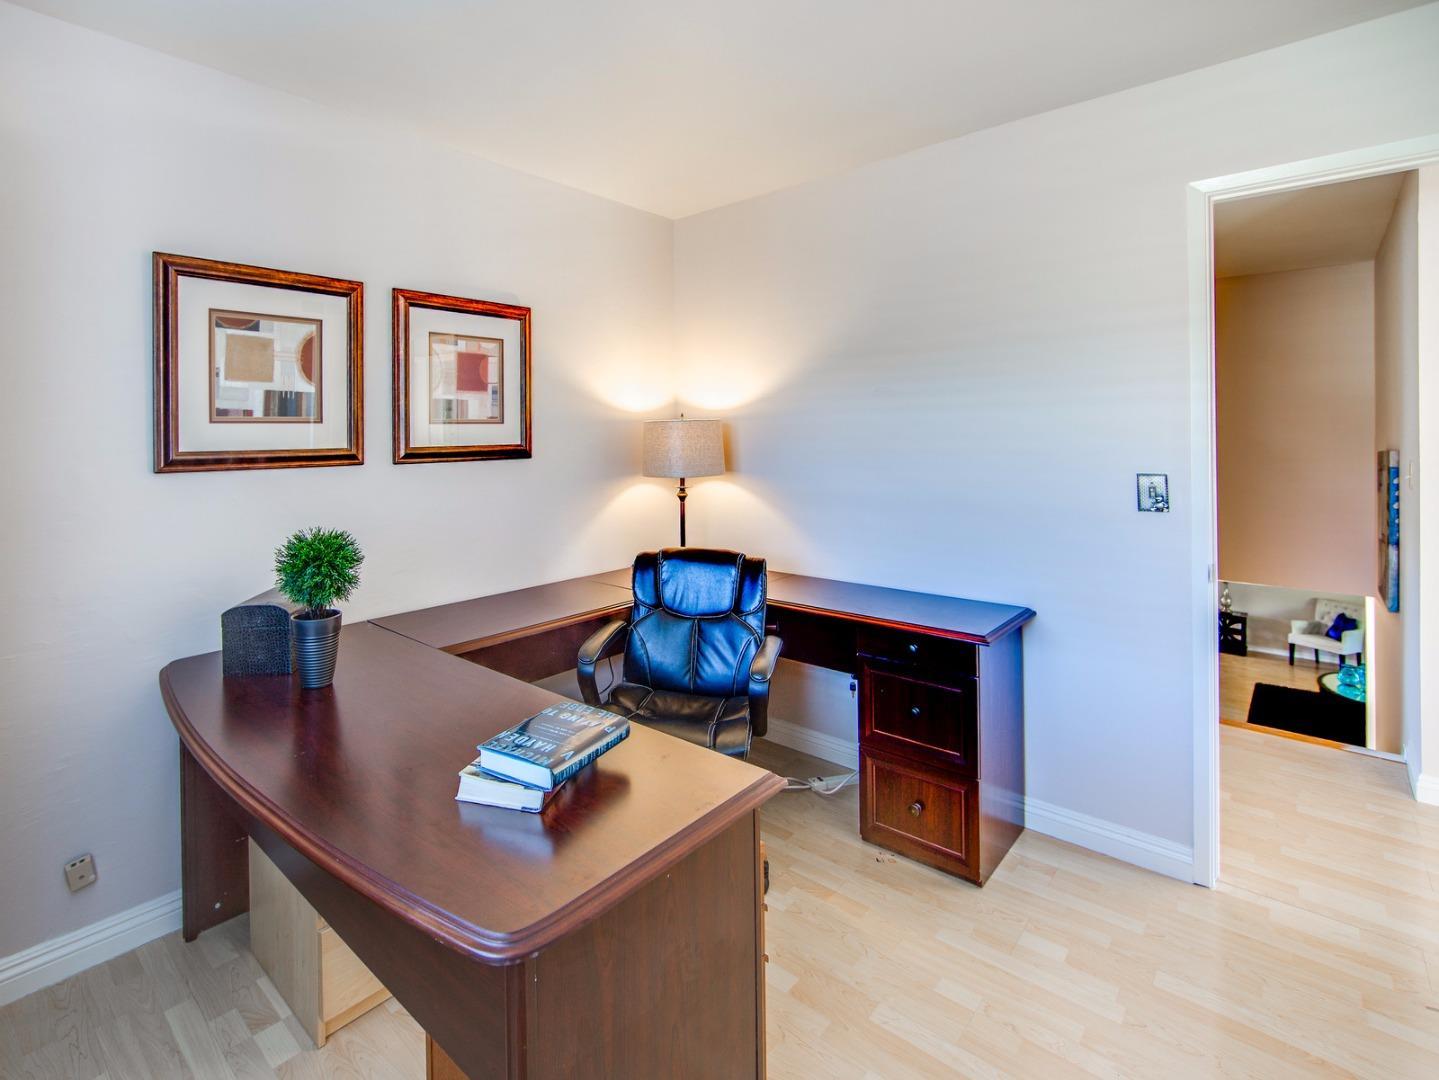 941 Marble Court, San Jose, CA 95120 $1,438,000 Www.susanwoods.net  MLS#81682637